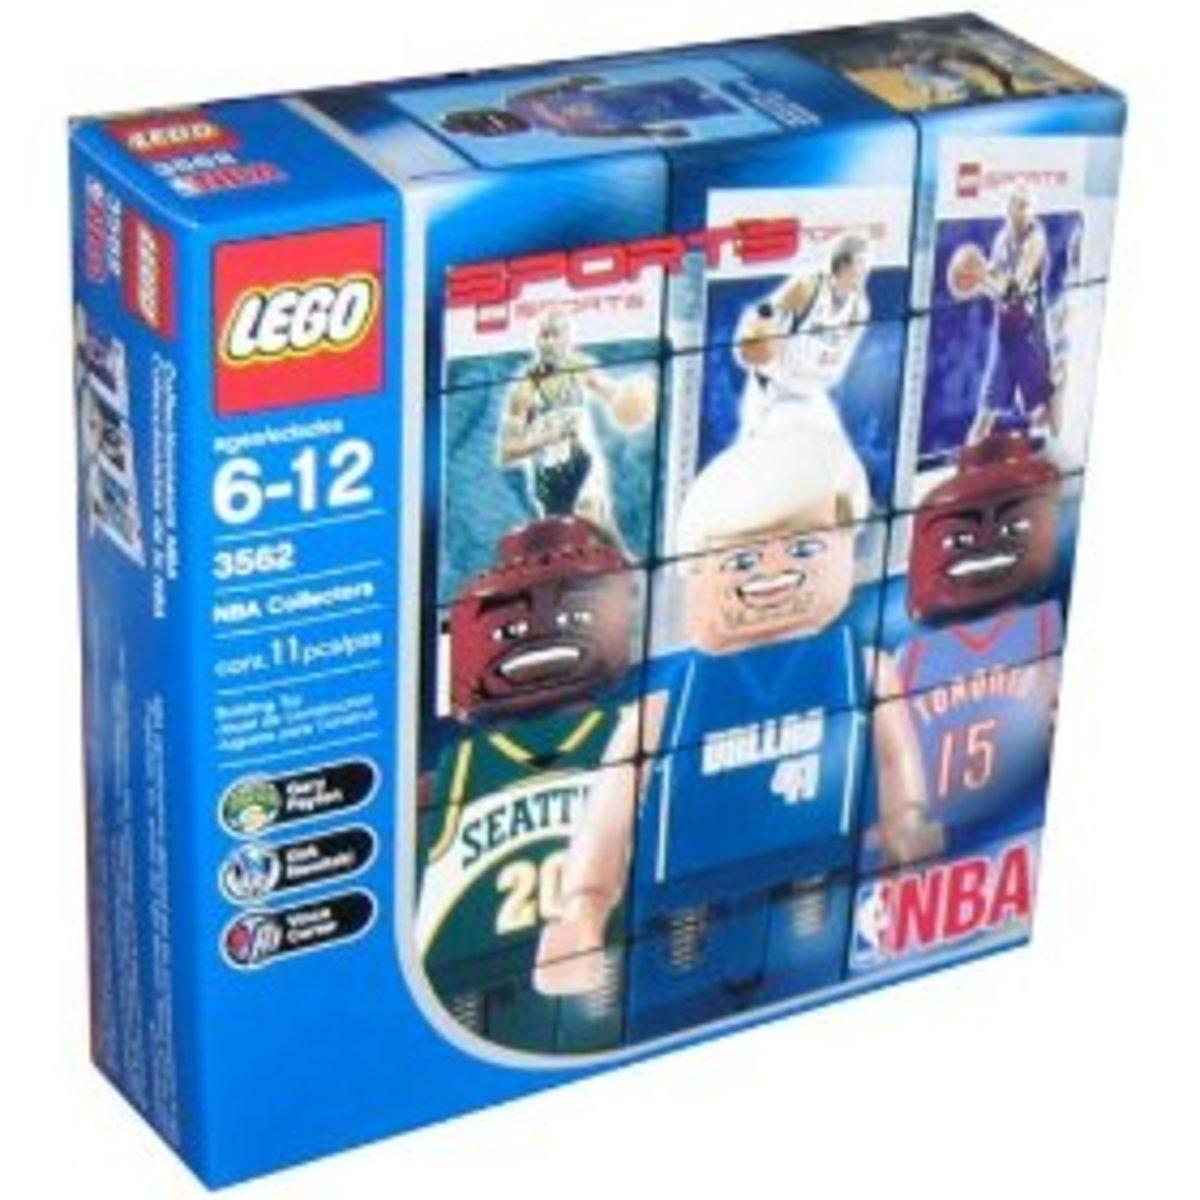 Lego NBA Collectors Set #3 in its box